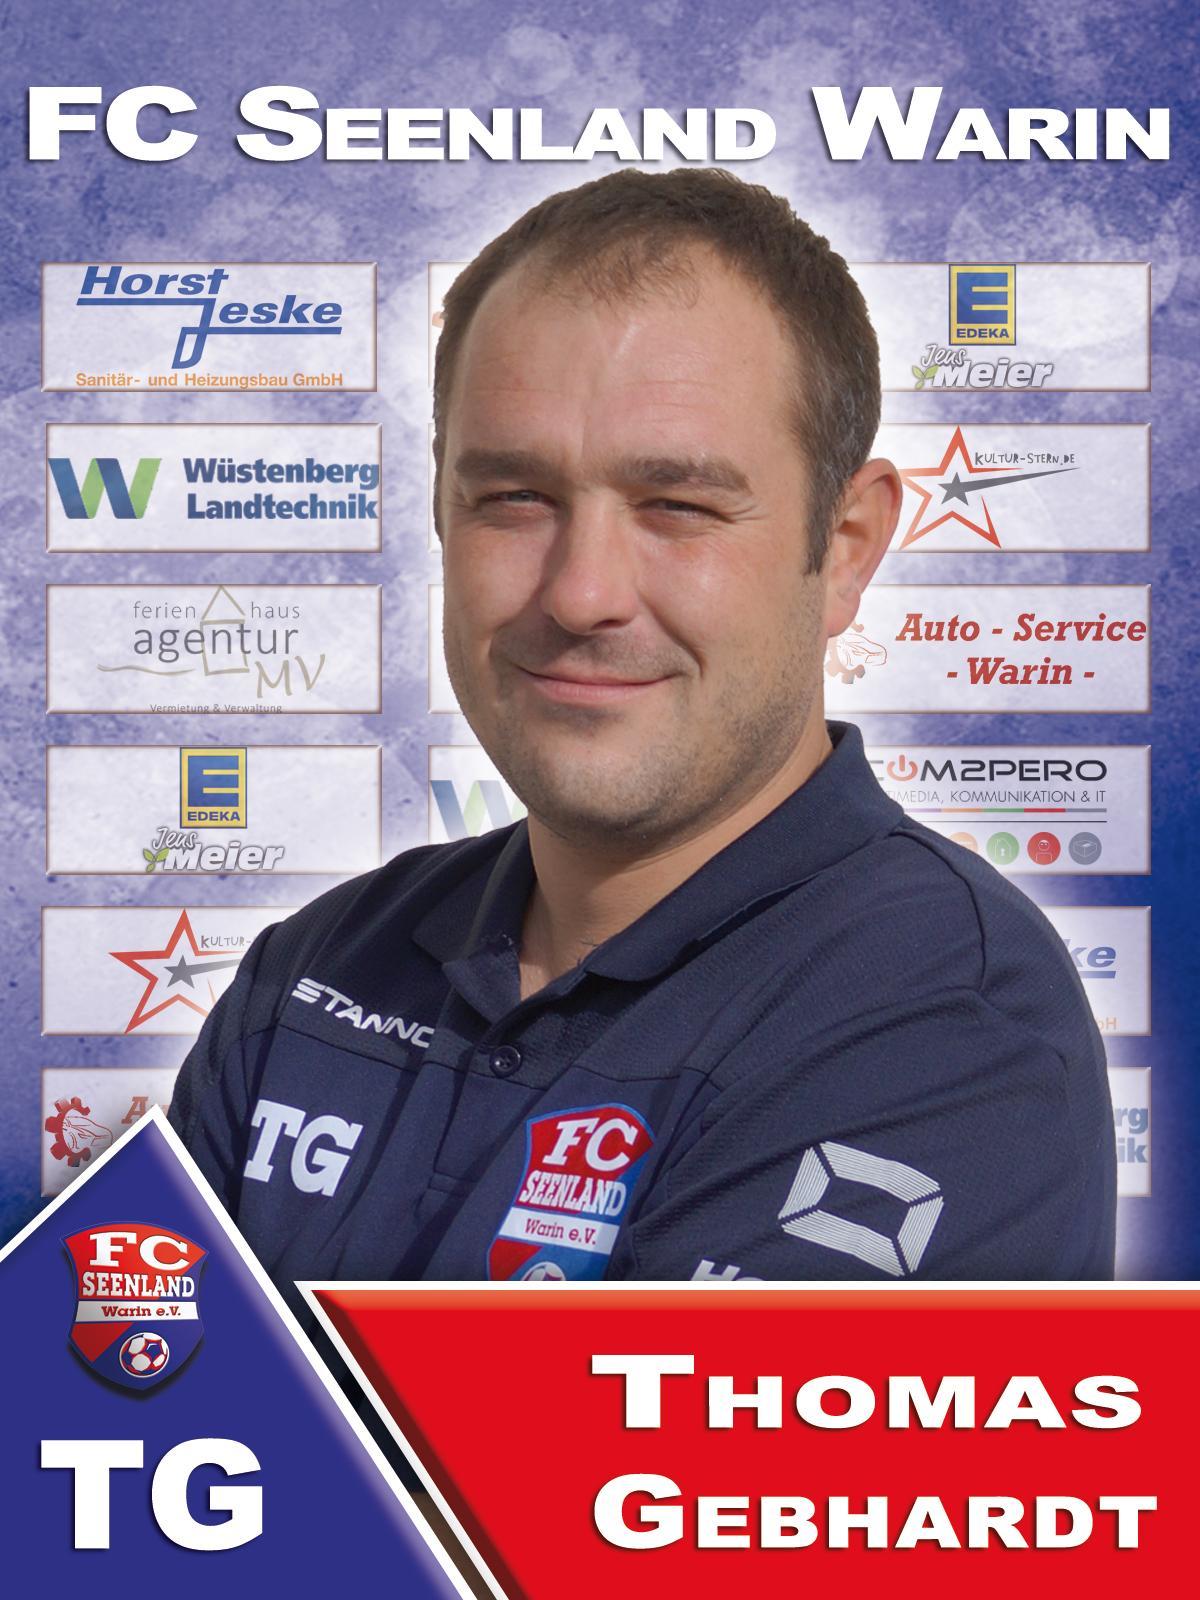 Thomas Gebhardt